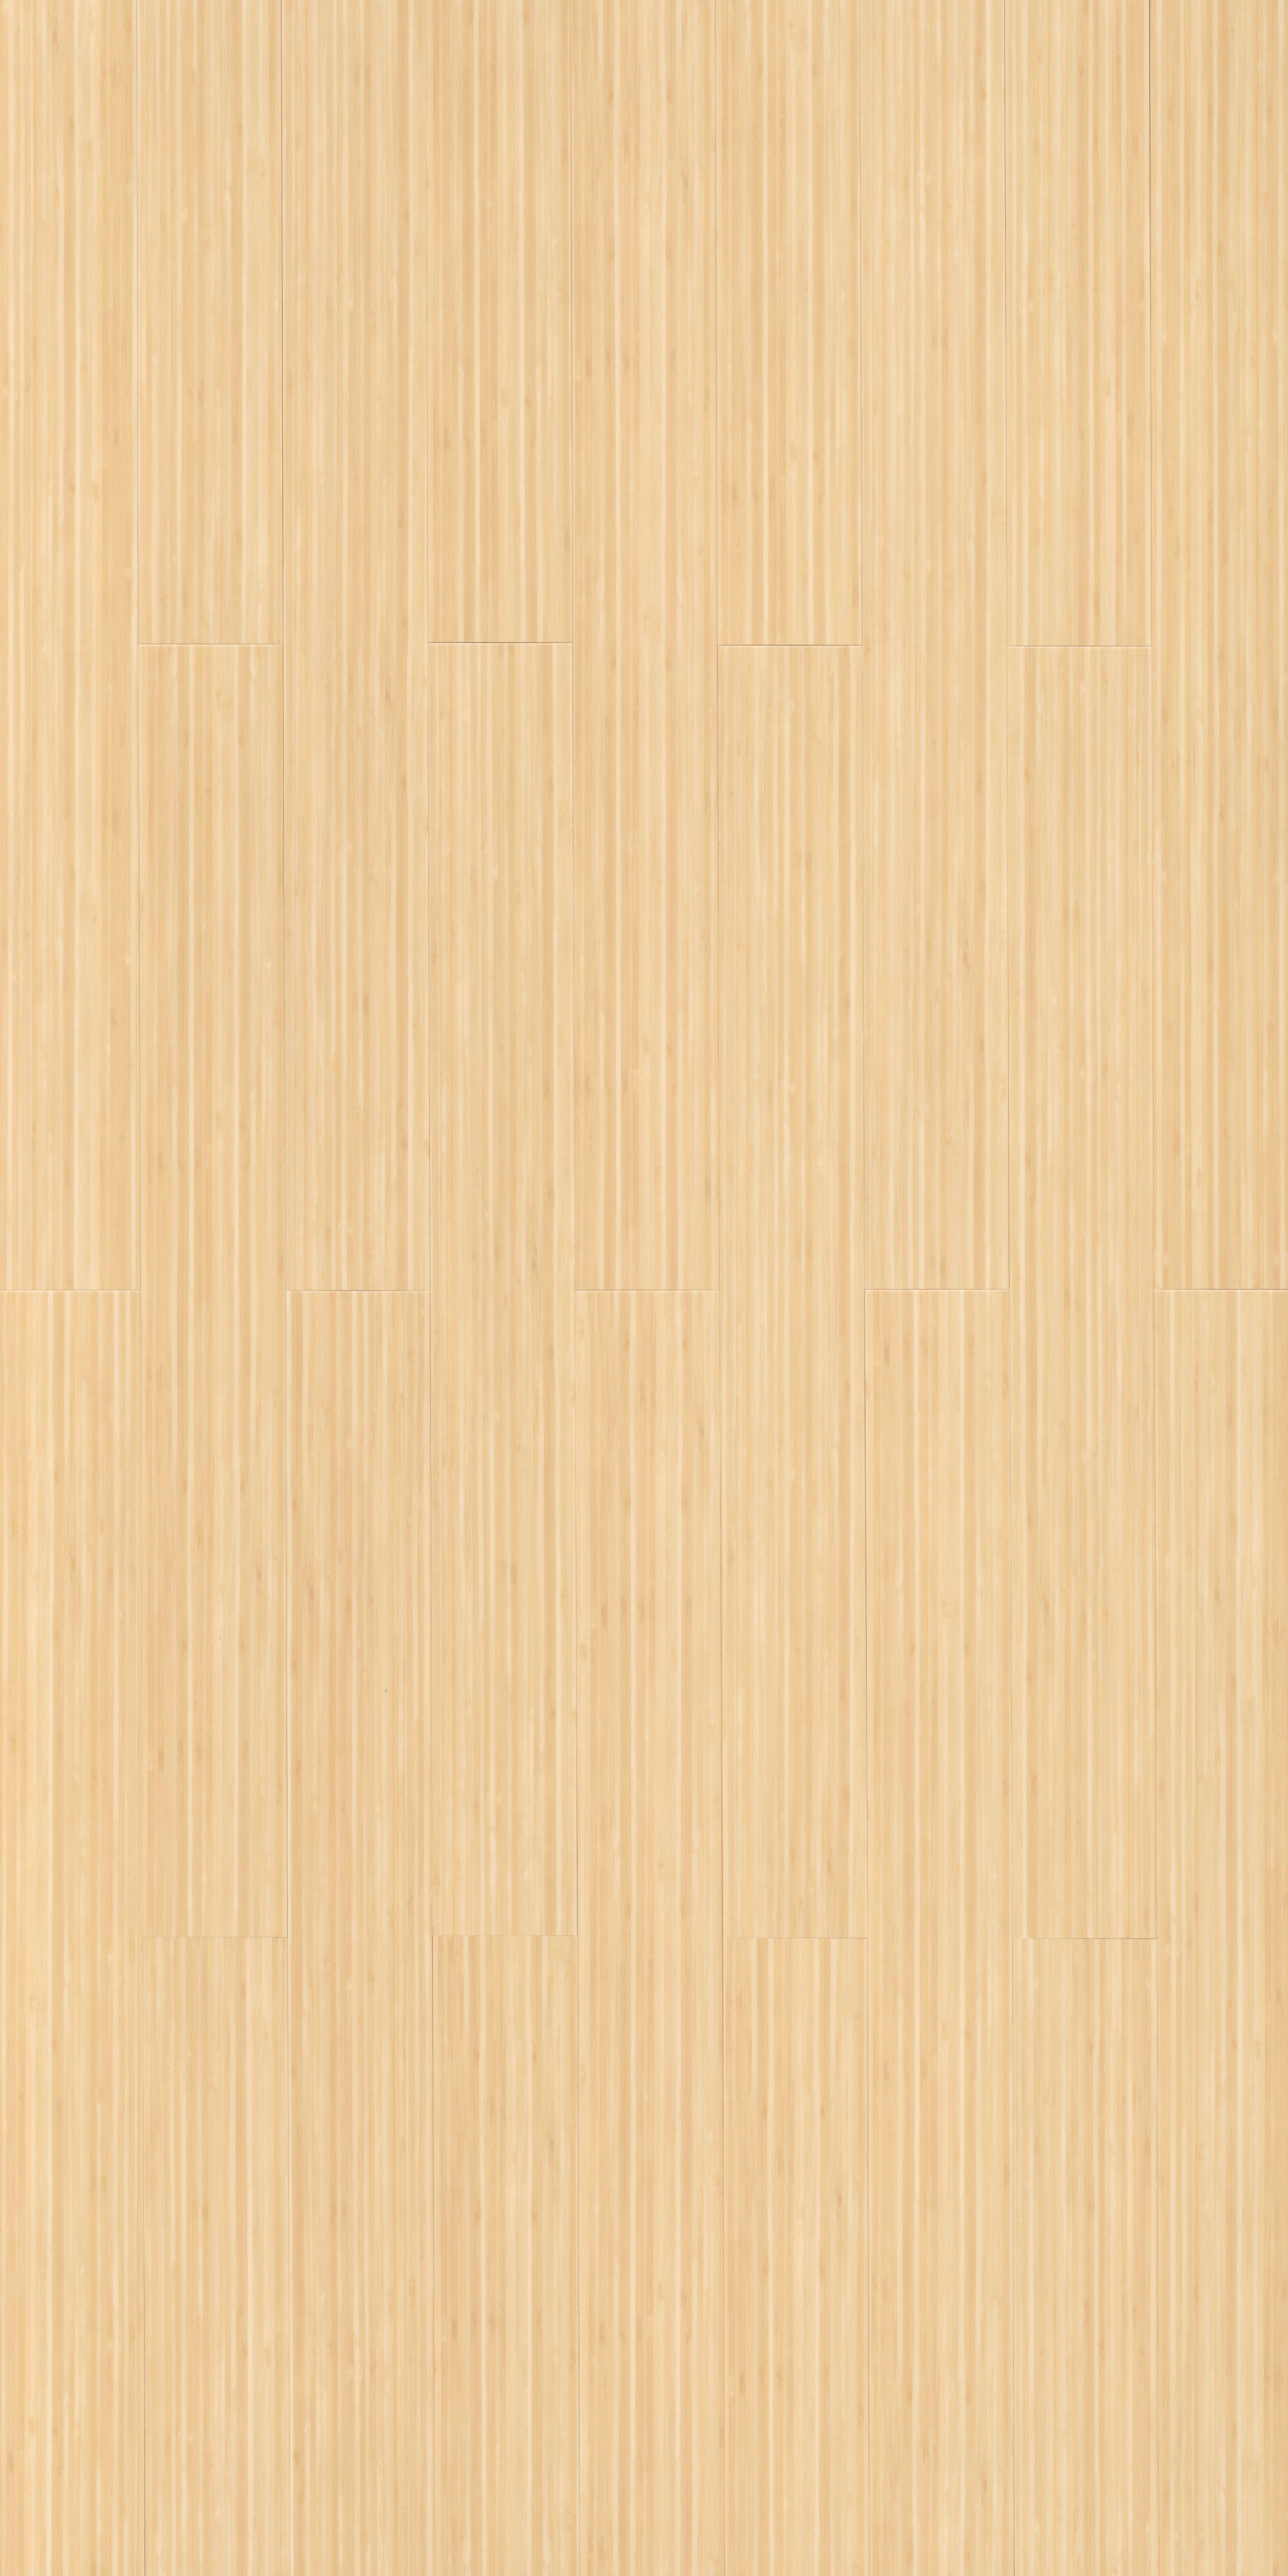 Tiles Textures Light Wood Recherche Google Misc